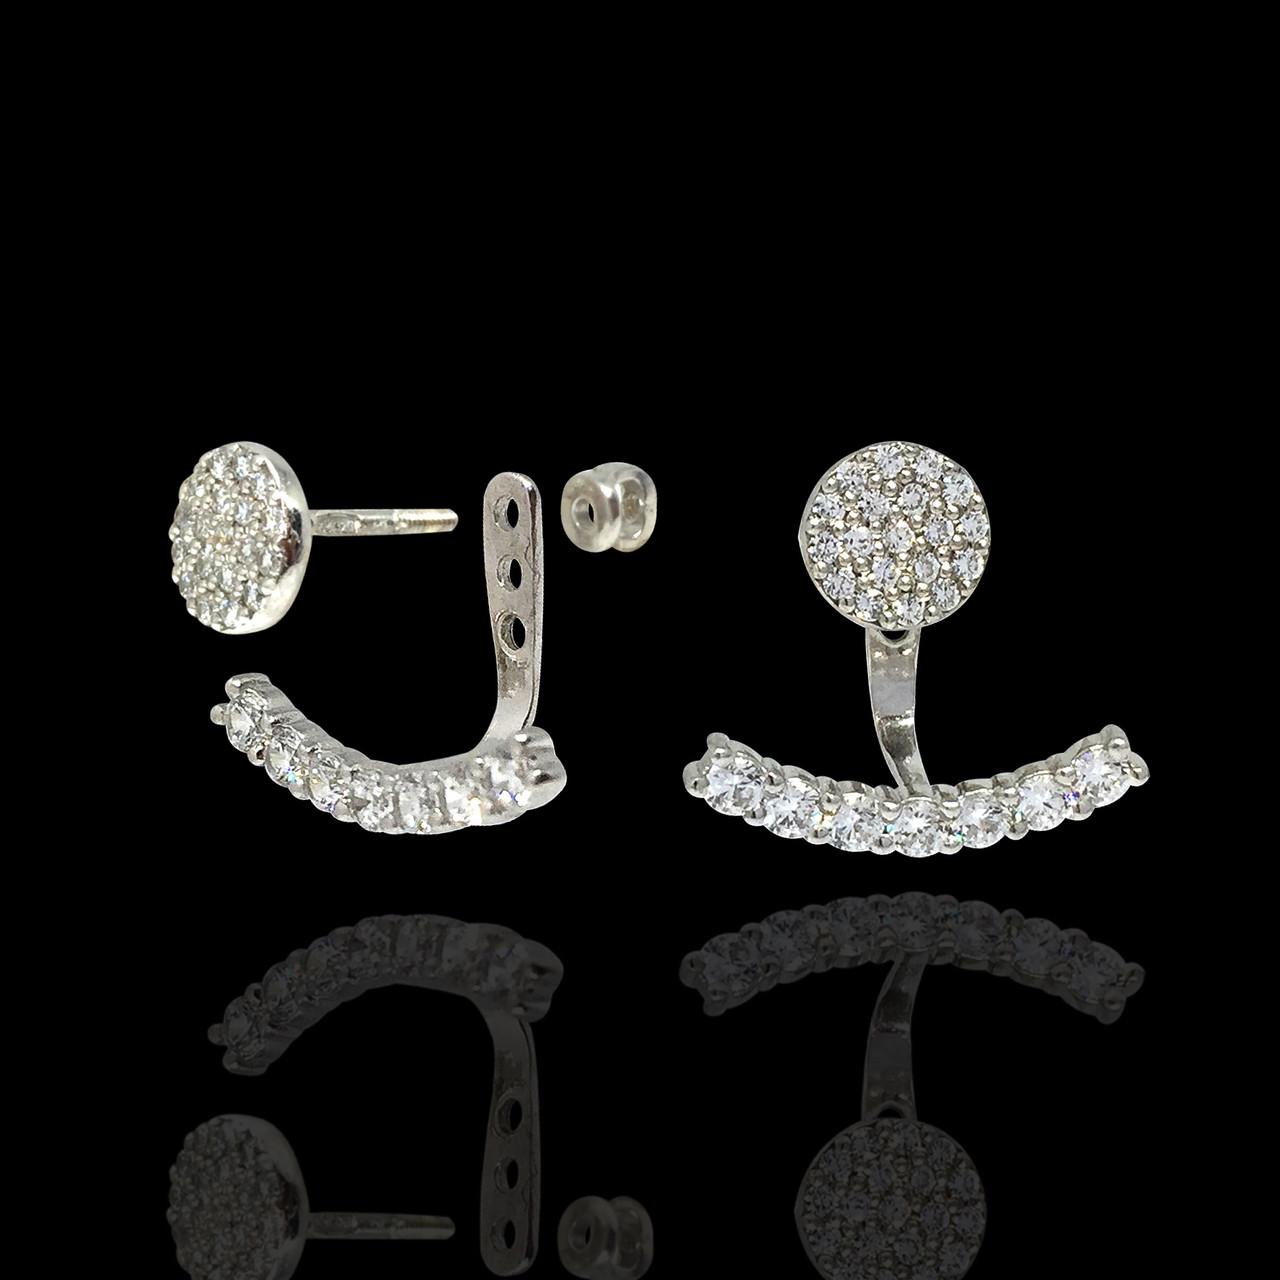 Серебряные серьги джекеты с фианитами Selenit 24078